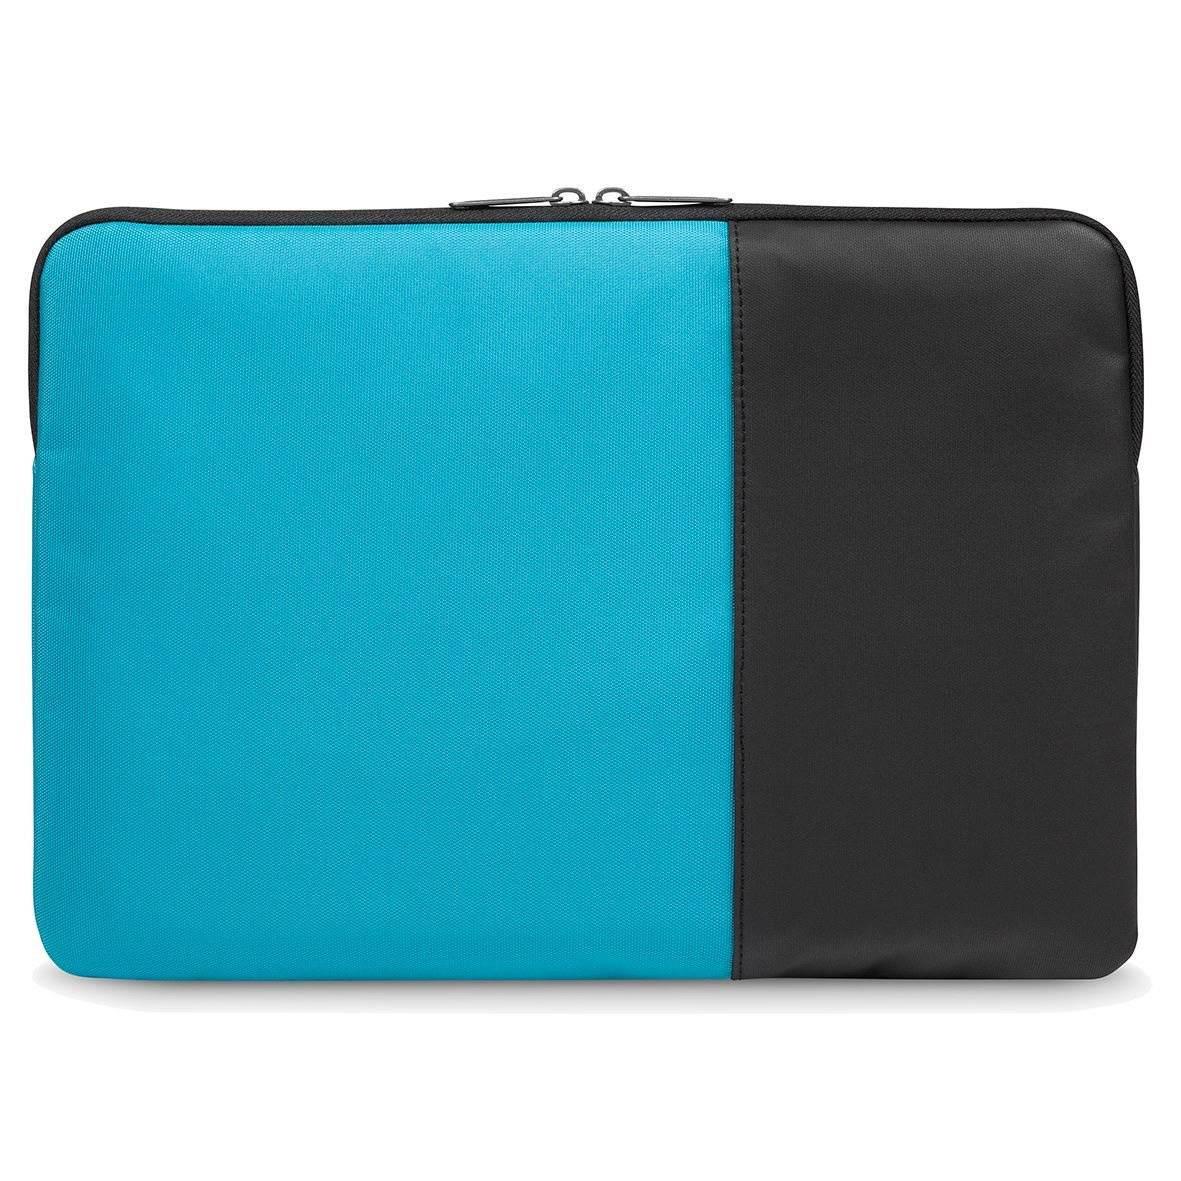 """Чехол для ноутбука 15.6"""" Targus TSS95102EU черный/синий - фото 2"""